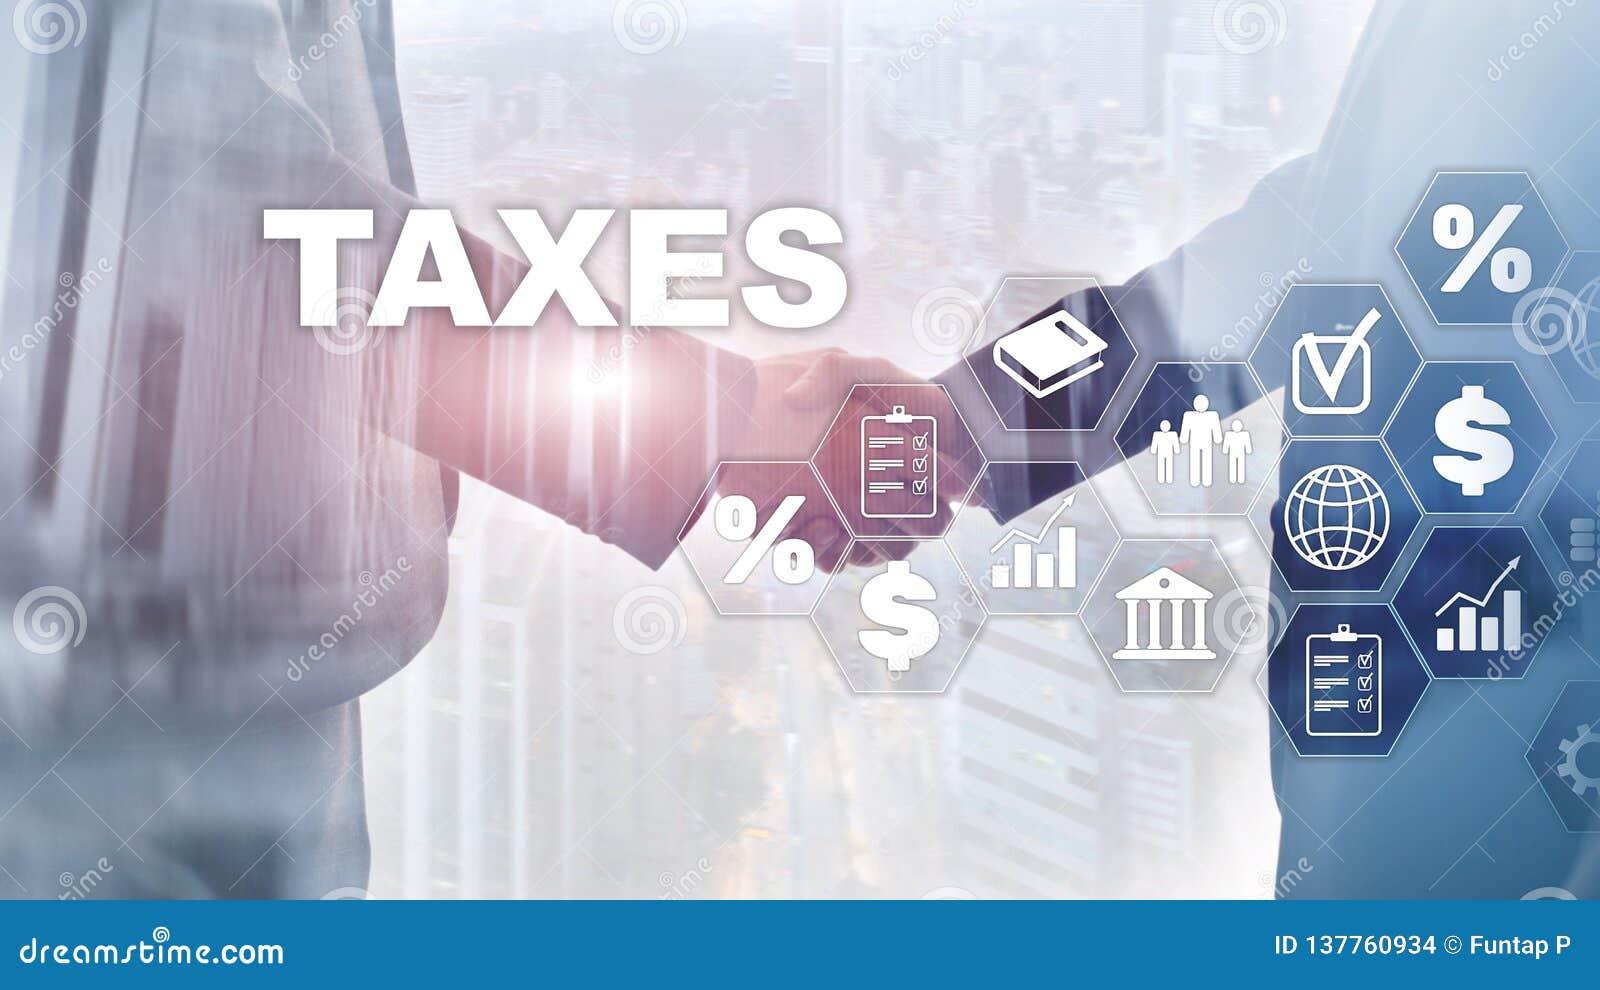 个体和公司缴纳的税的概念例如大桶、收入和财产税 付税 州税